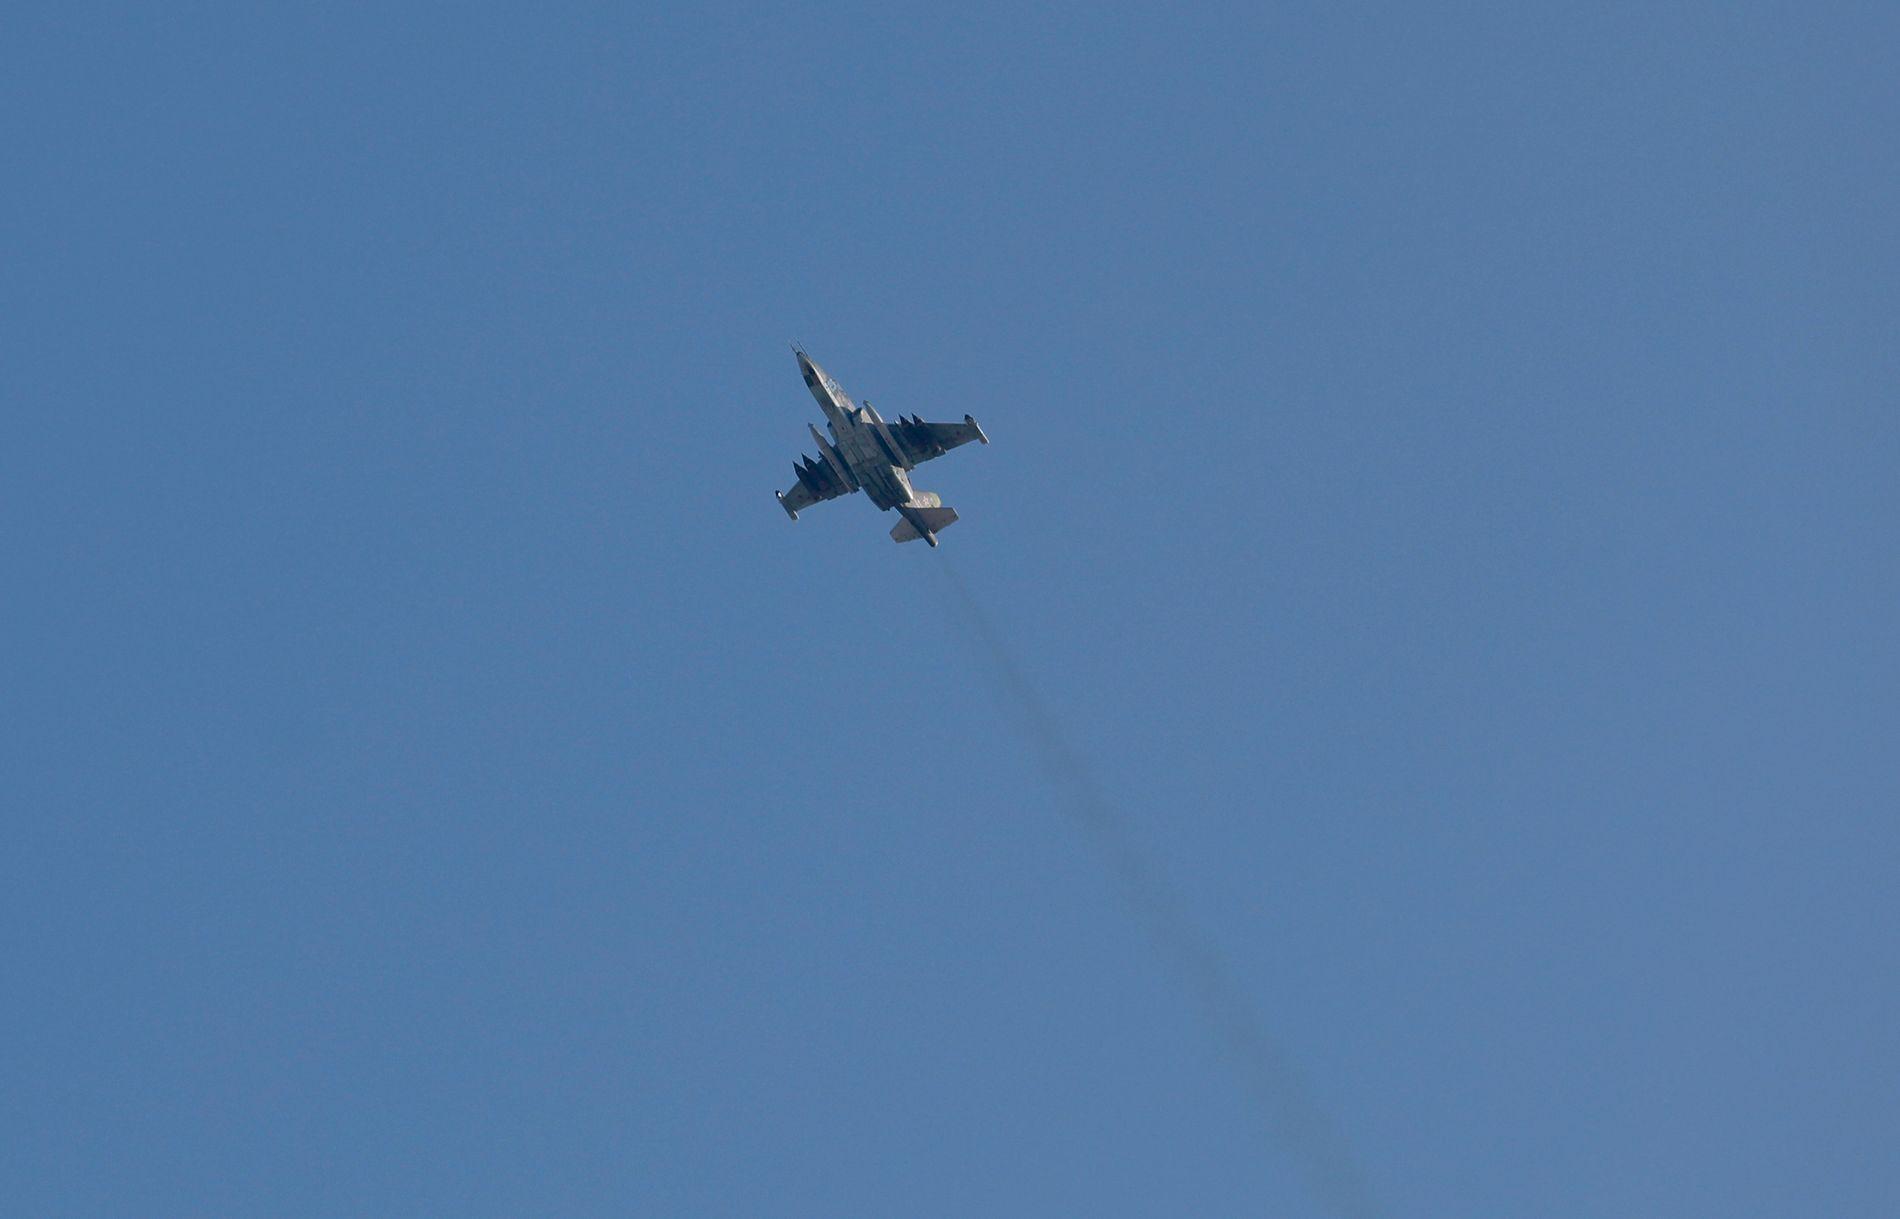 RUSSISK KAMPFLY: Det er et kampfly av denne typen, en sukhoi-25, som skal ha blitt skutt ned lørdag.